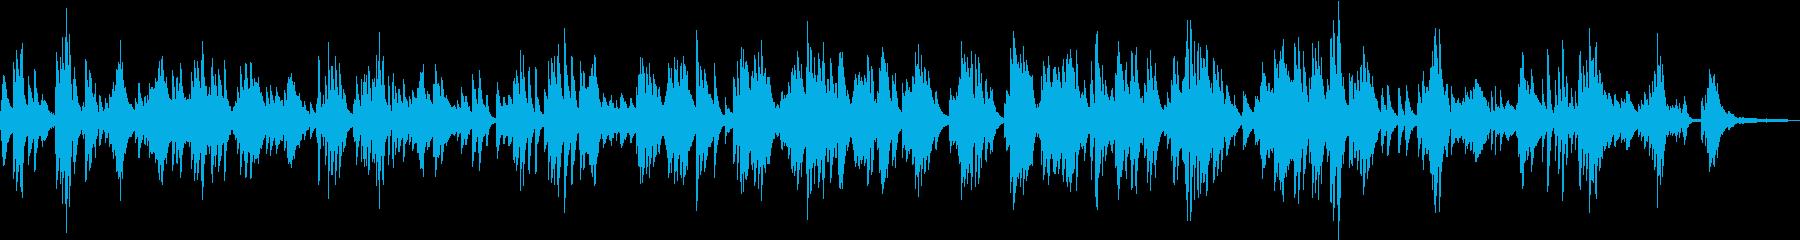 スローな落ち着いた雰囲気のピアノBGMの再生済みの波形